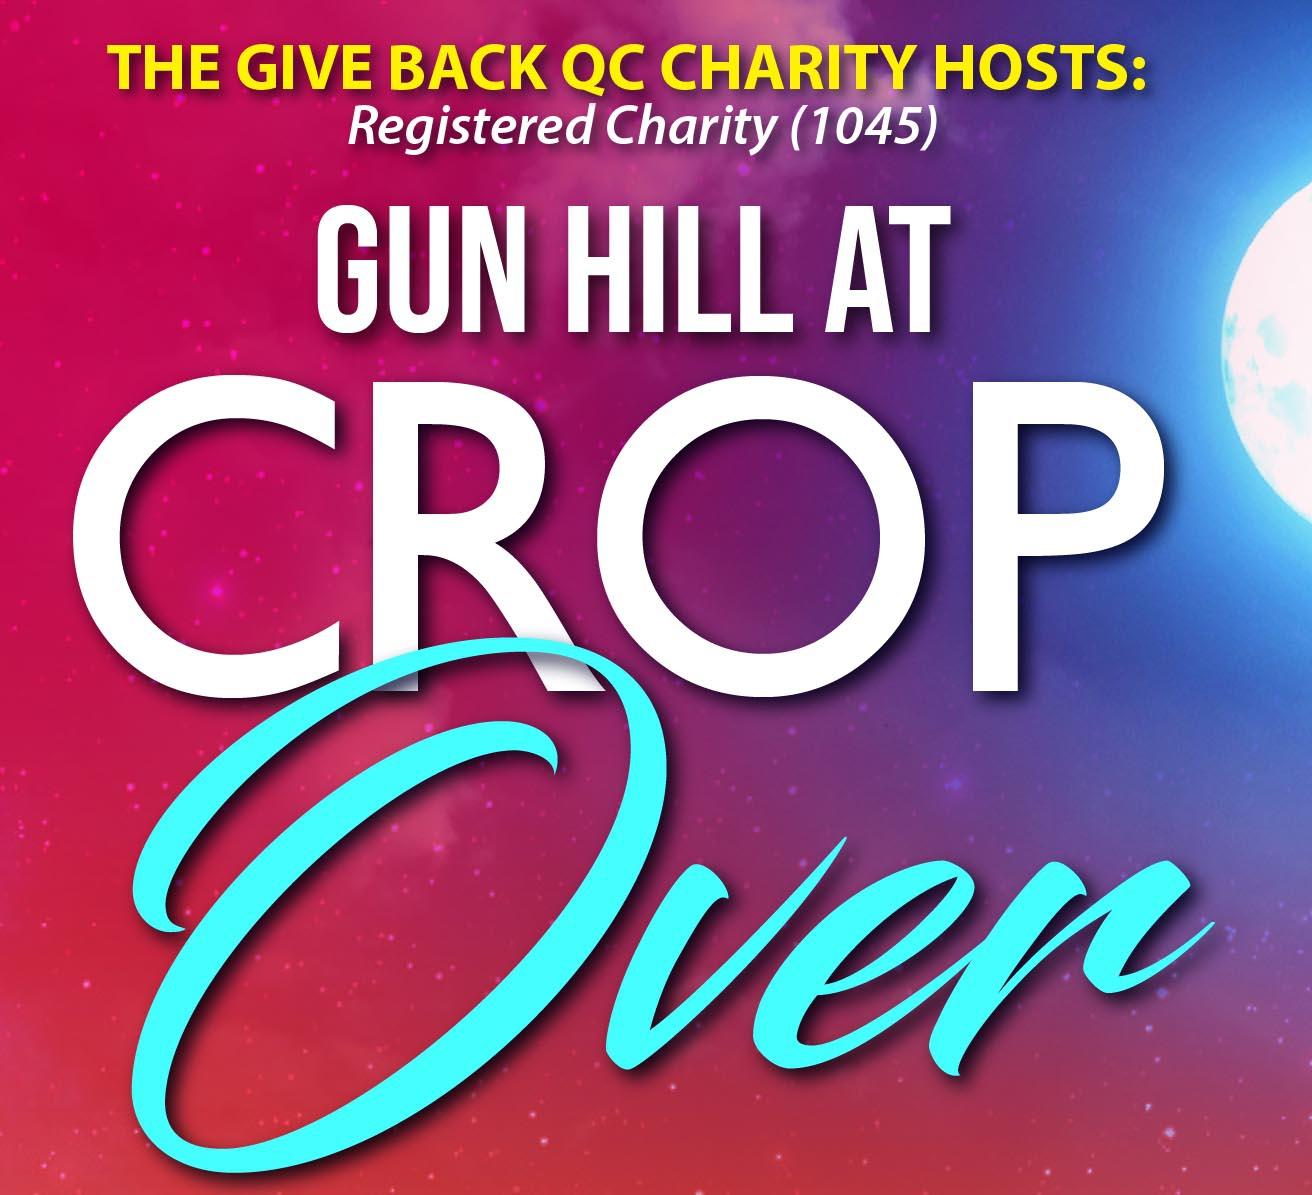 Gun Hill at Crop Over